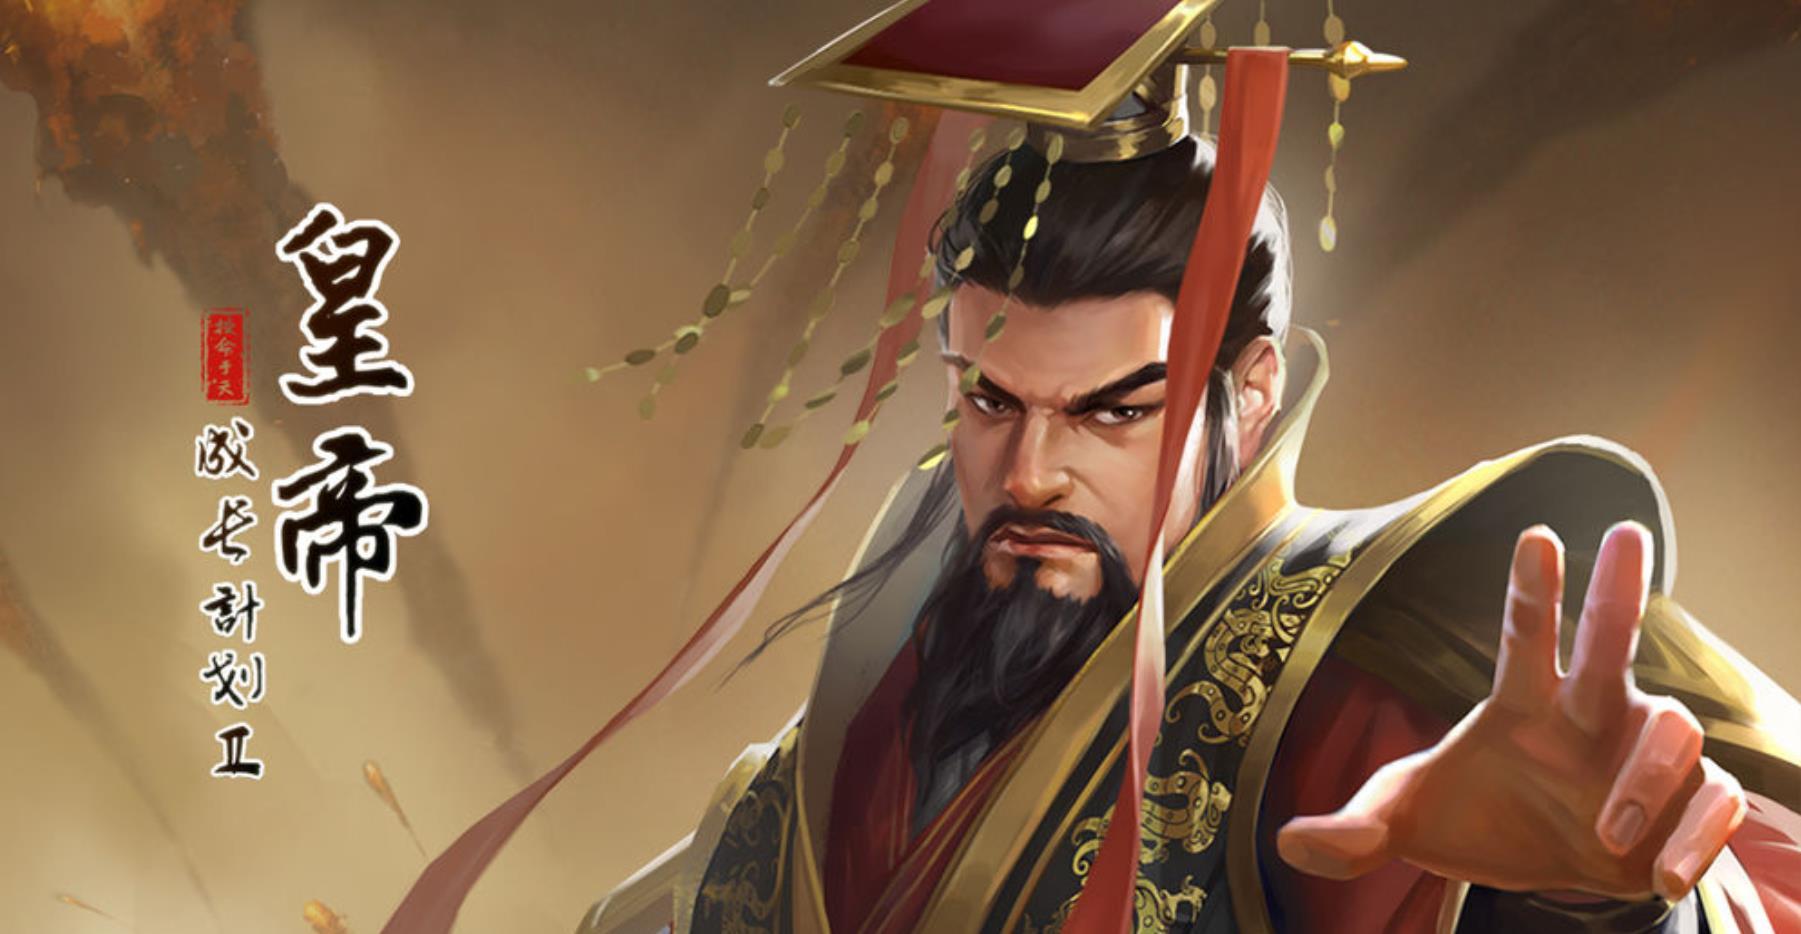 皇帝成长计划2燕昭王怎么玩 燕昭王玩法攻略[多图]